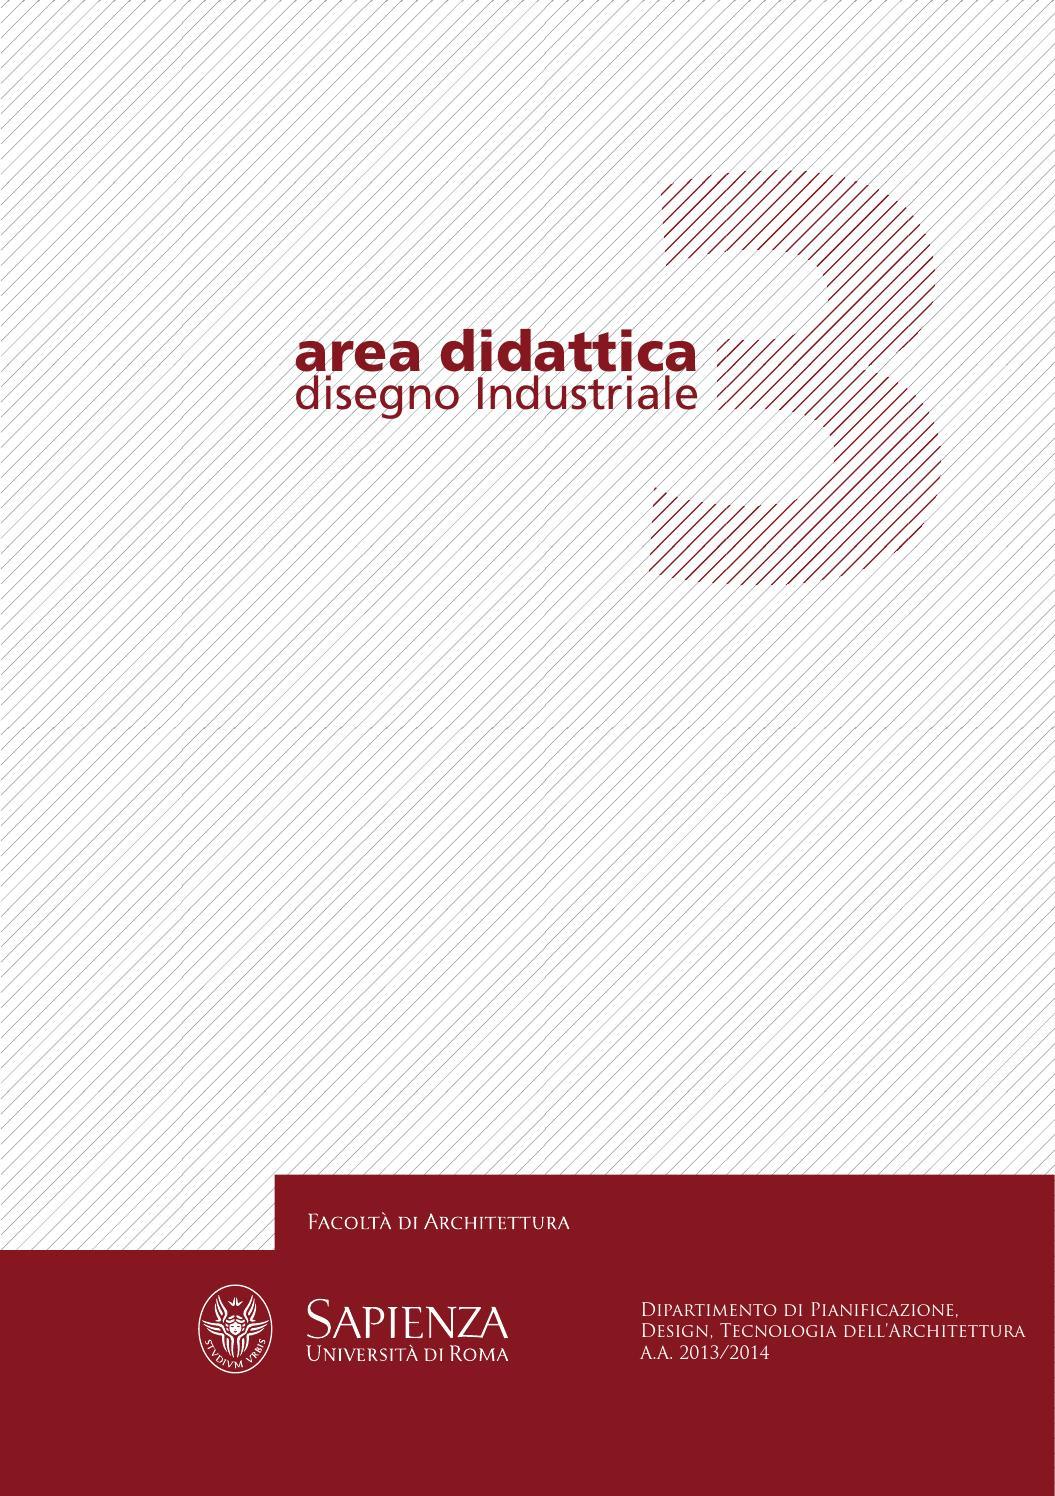 Area didattica 3 disegno industriale architettura for Laurea magistrale design